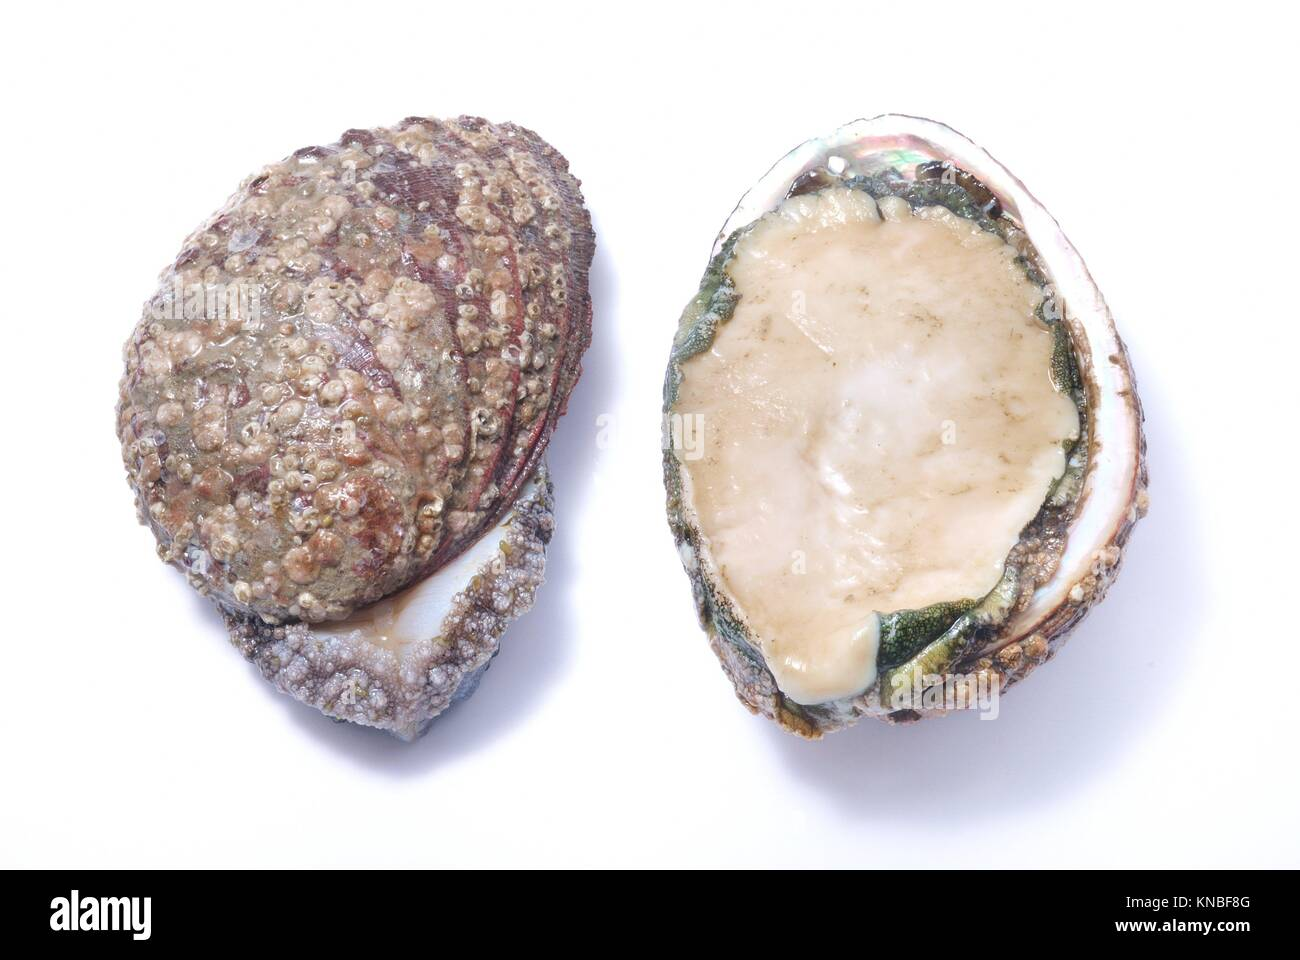 Abalone. - Stock Image